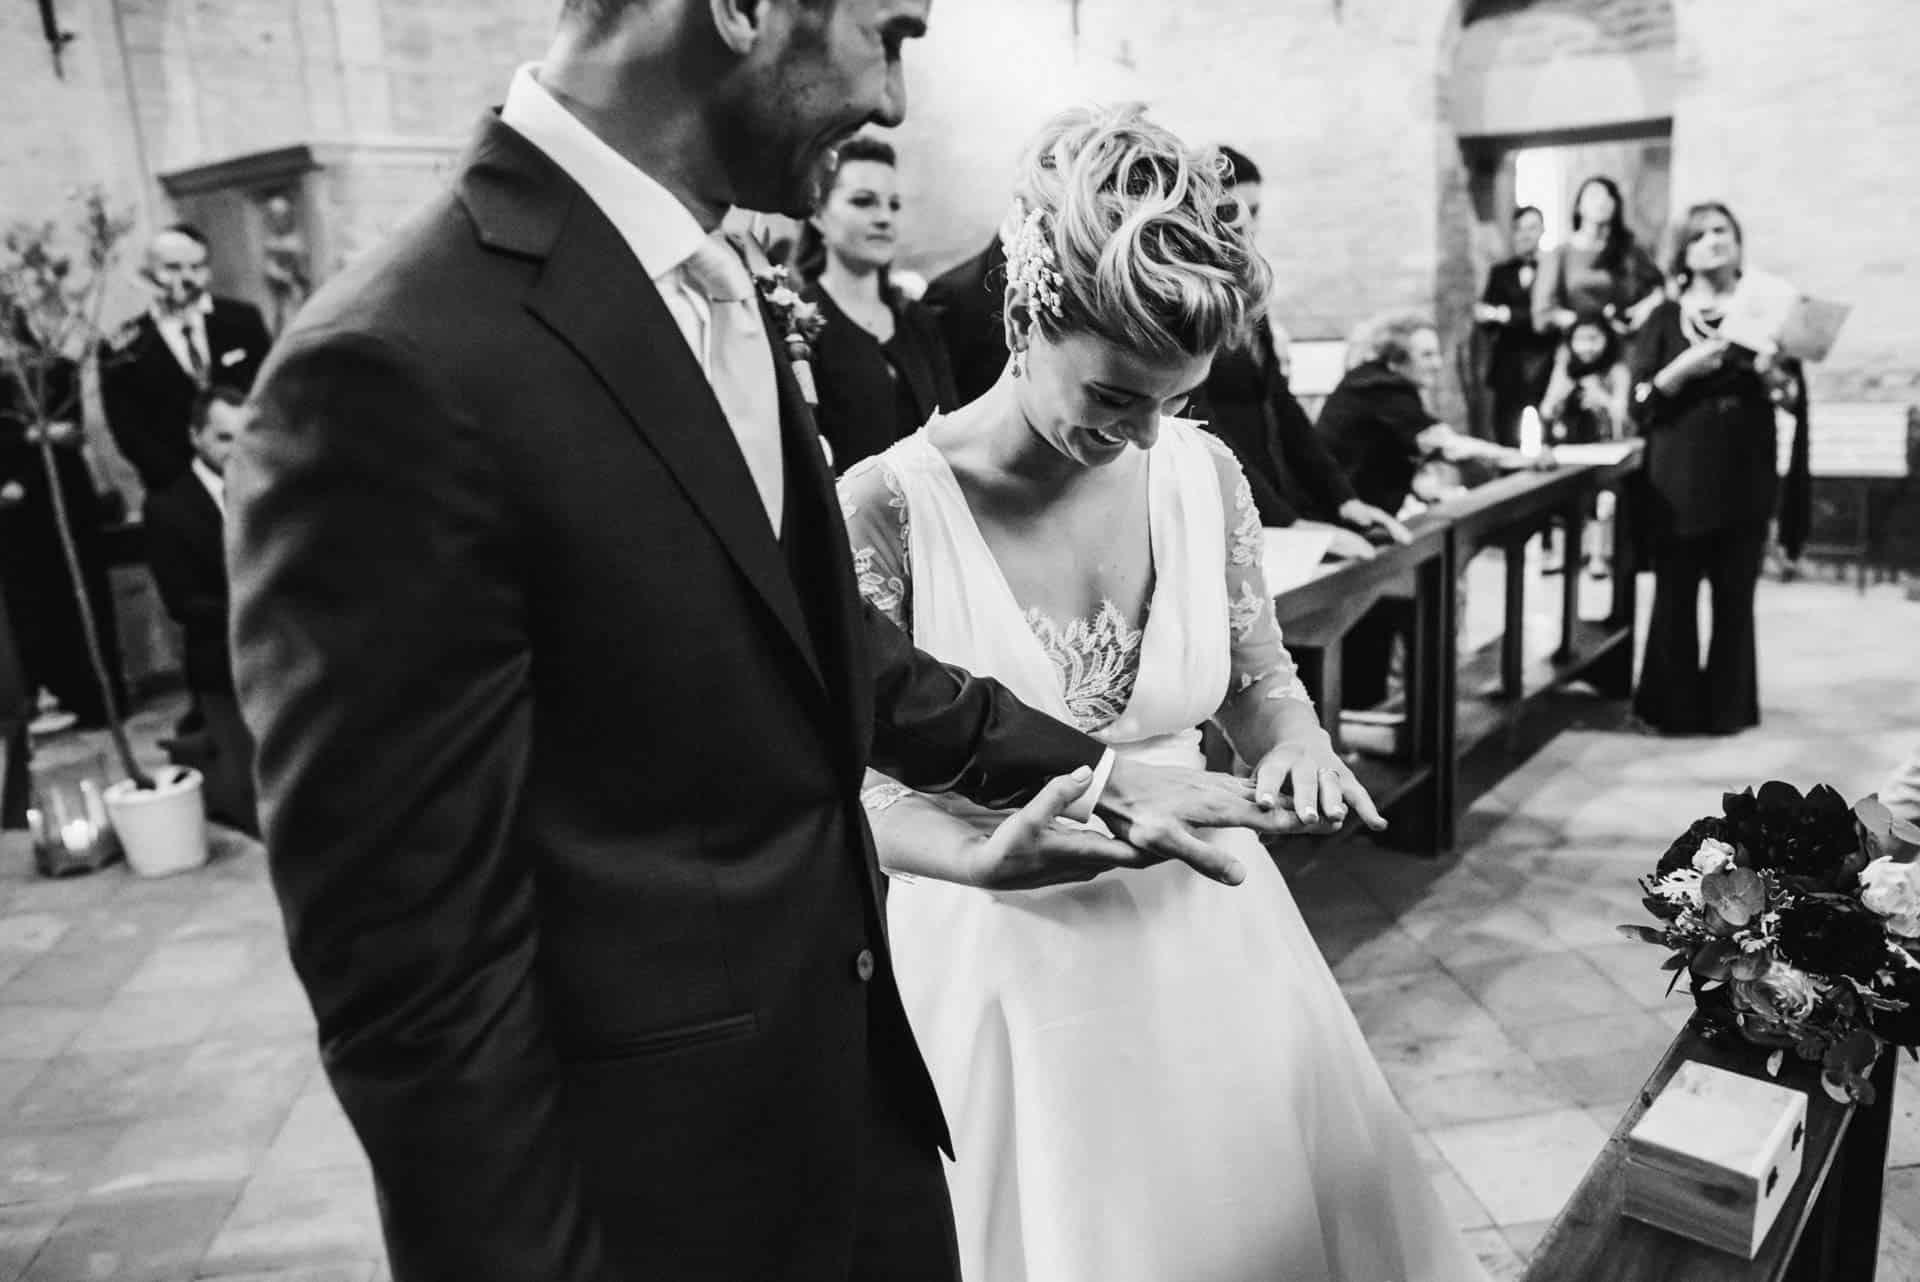 Fotografo matrimonio Modena 2 Fotografo Matrimonio Andrea Fusaro